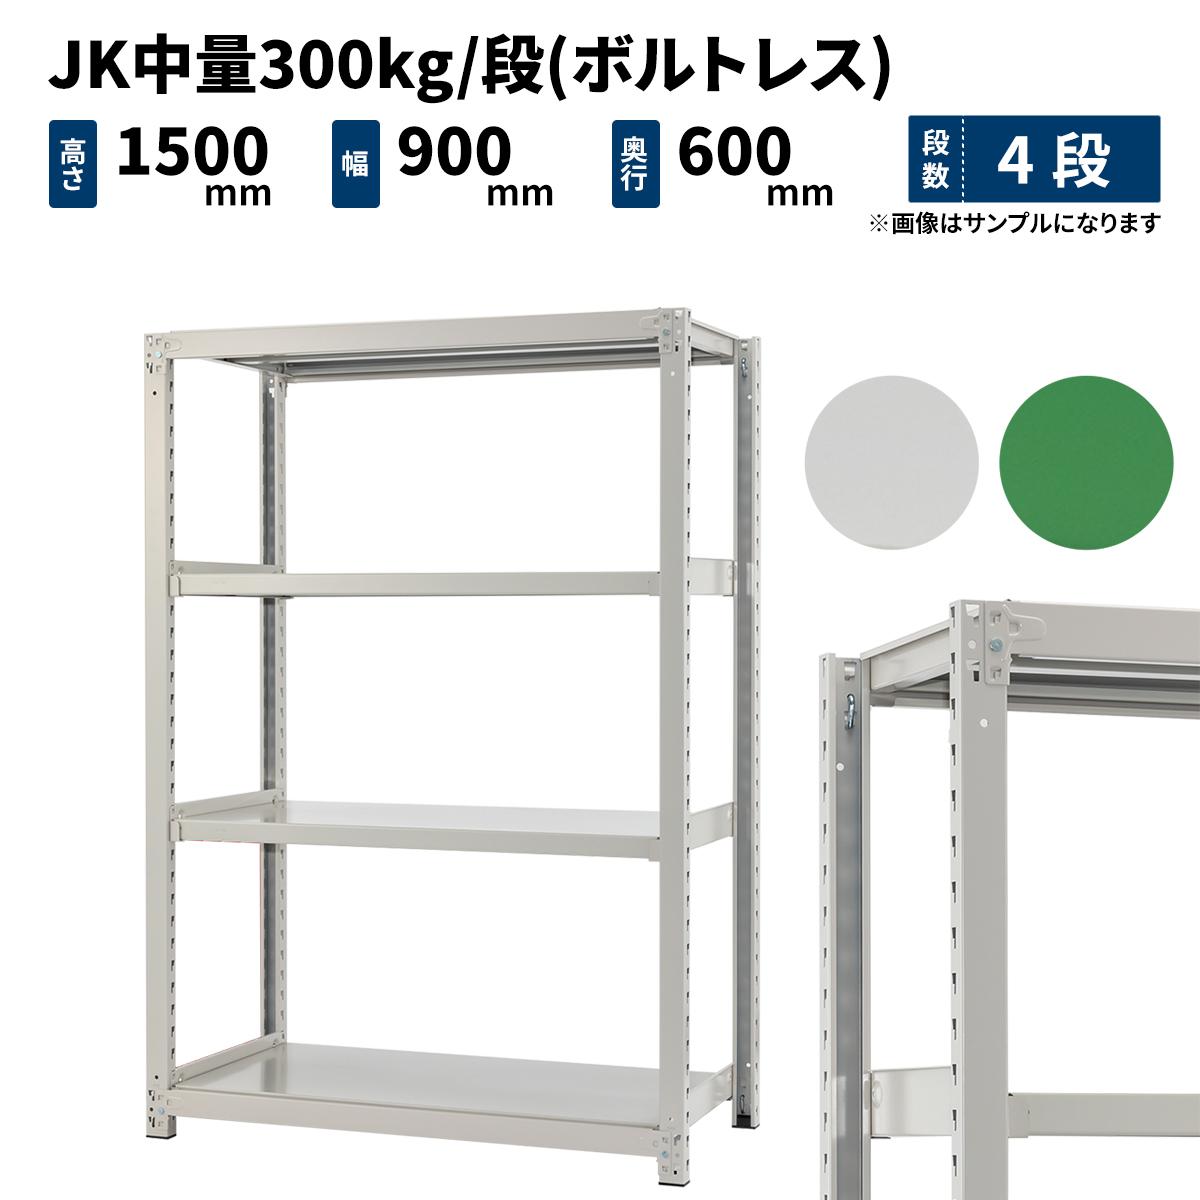 スチールラック 業務用 JK中量300kg/段(ボルトレス) 単体形式 高さ1500×幅900×奥行600mm 4段 ホワイトグレー/グリーン (47kg) JK300_T-150906-4